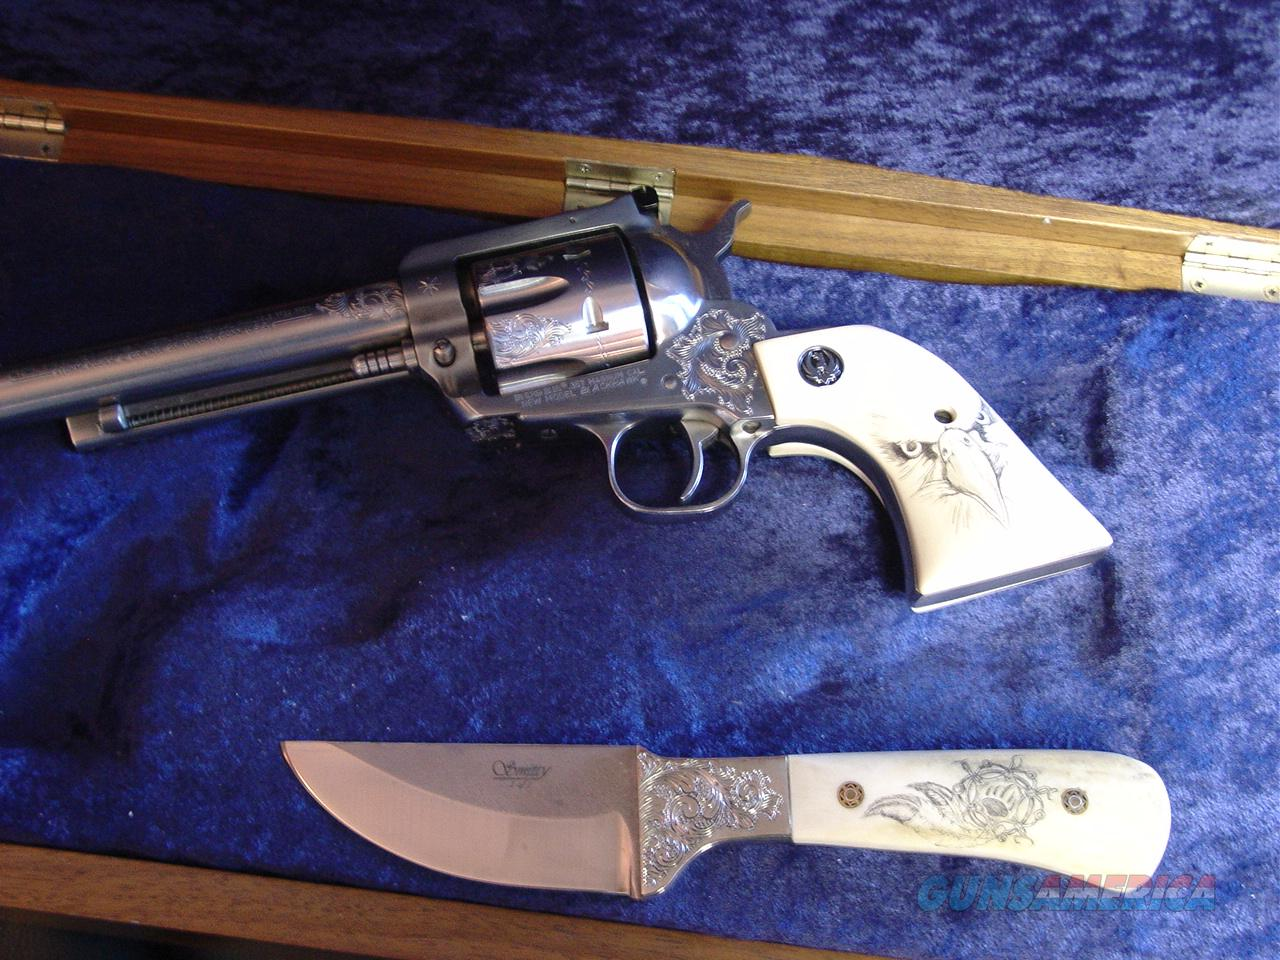 Ruger New Model Blackhawk,engraved,scrimshaw grips,custom engraved knife  with real Caribou antler grips,& scrimshaw,2 certificated,huge oak  case,boxes